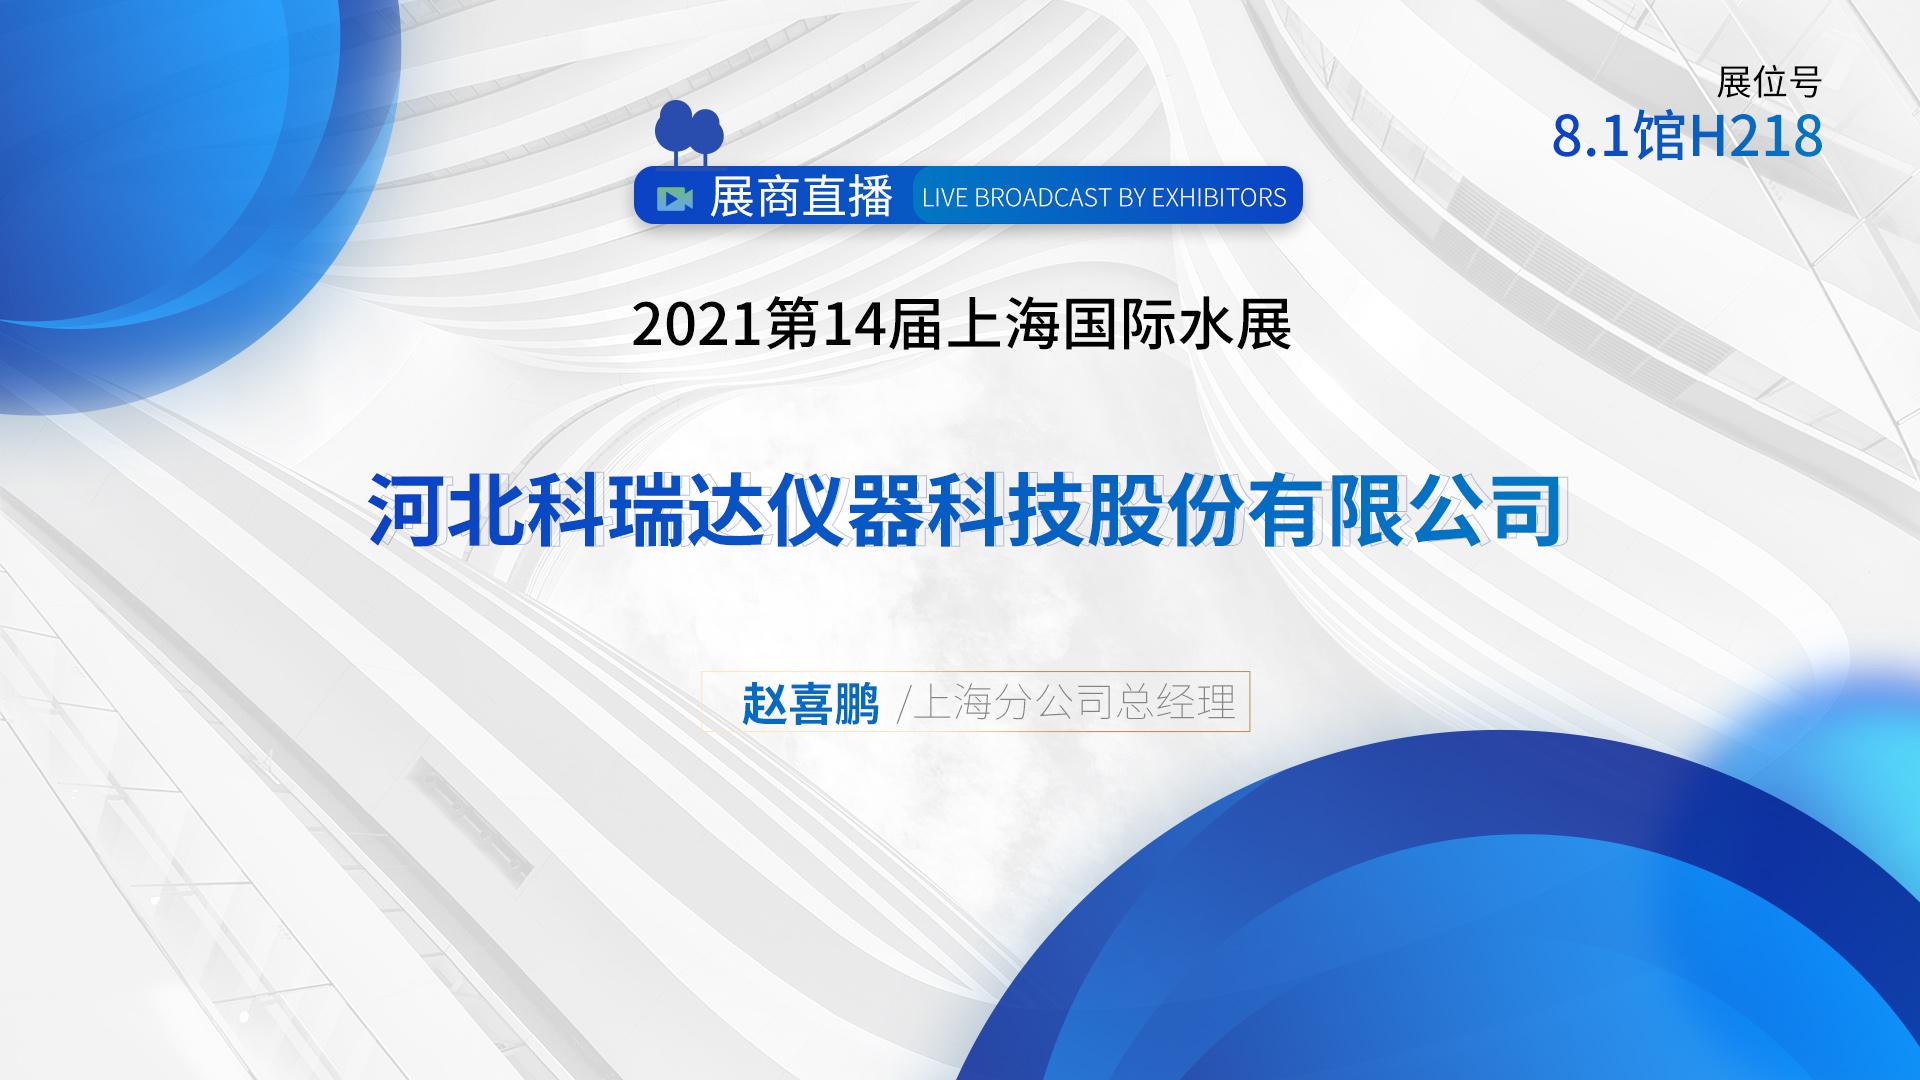 來逛8.1H218 科瑞達儀器在2021世環會等你